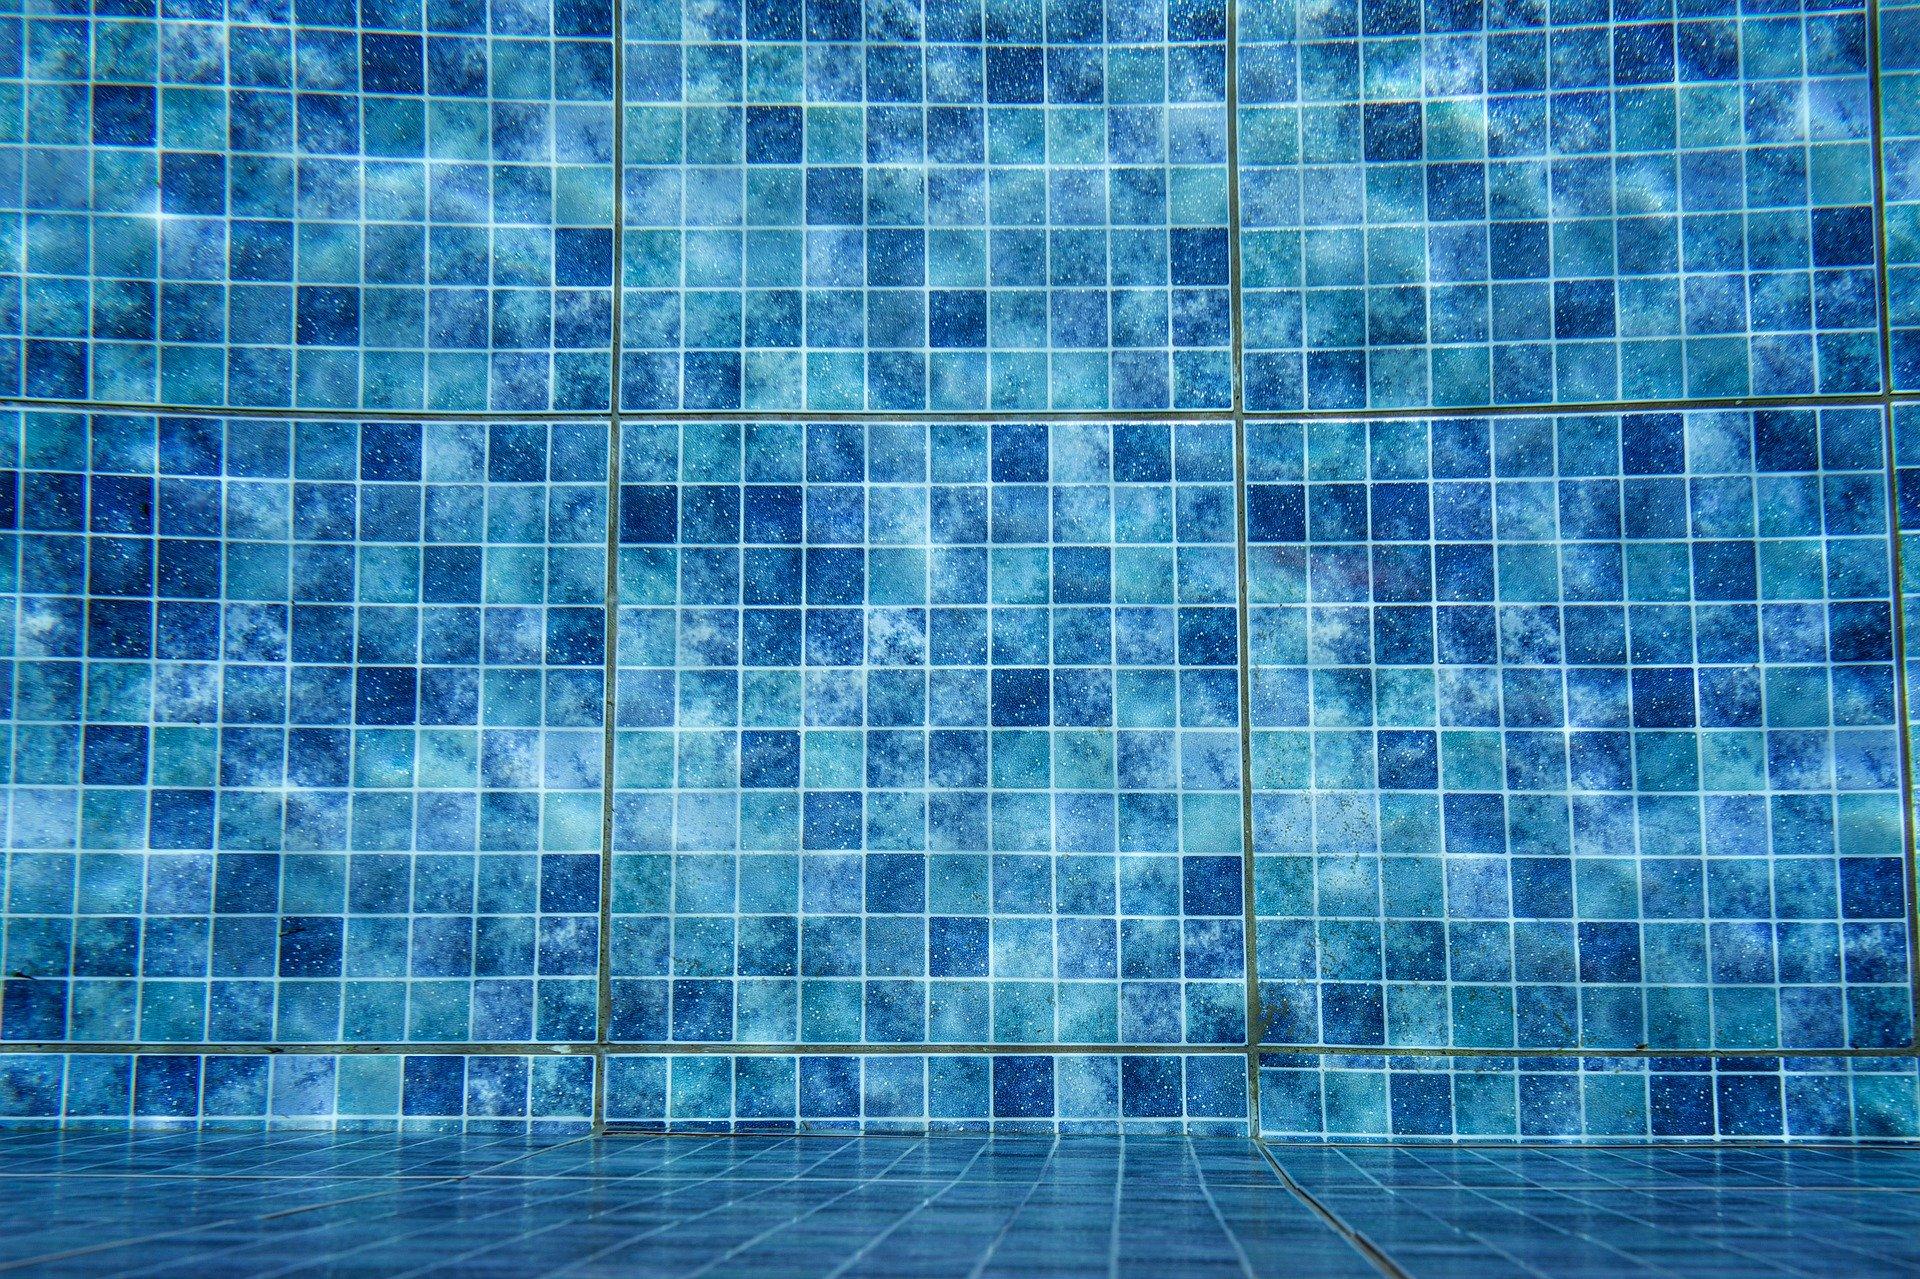 Pixabay – Tiles